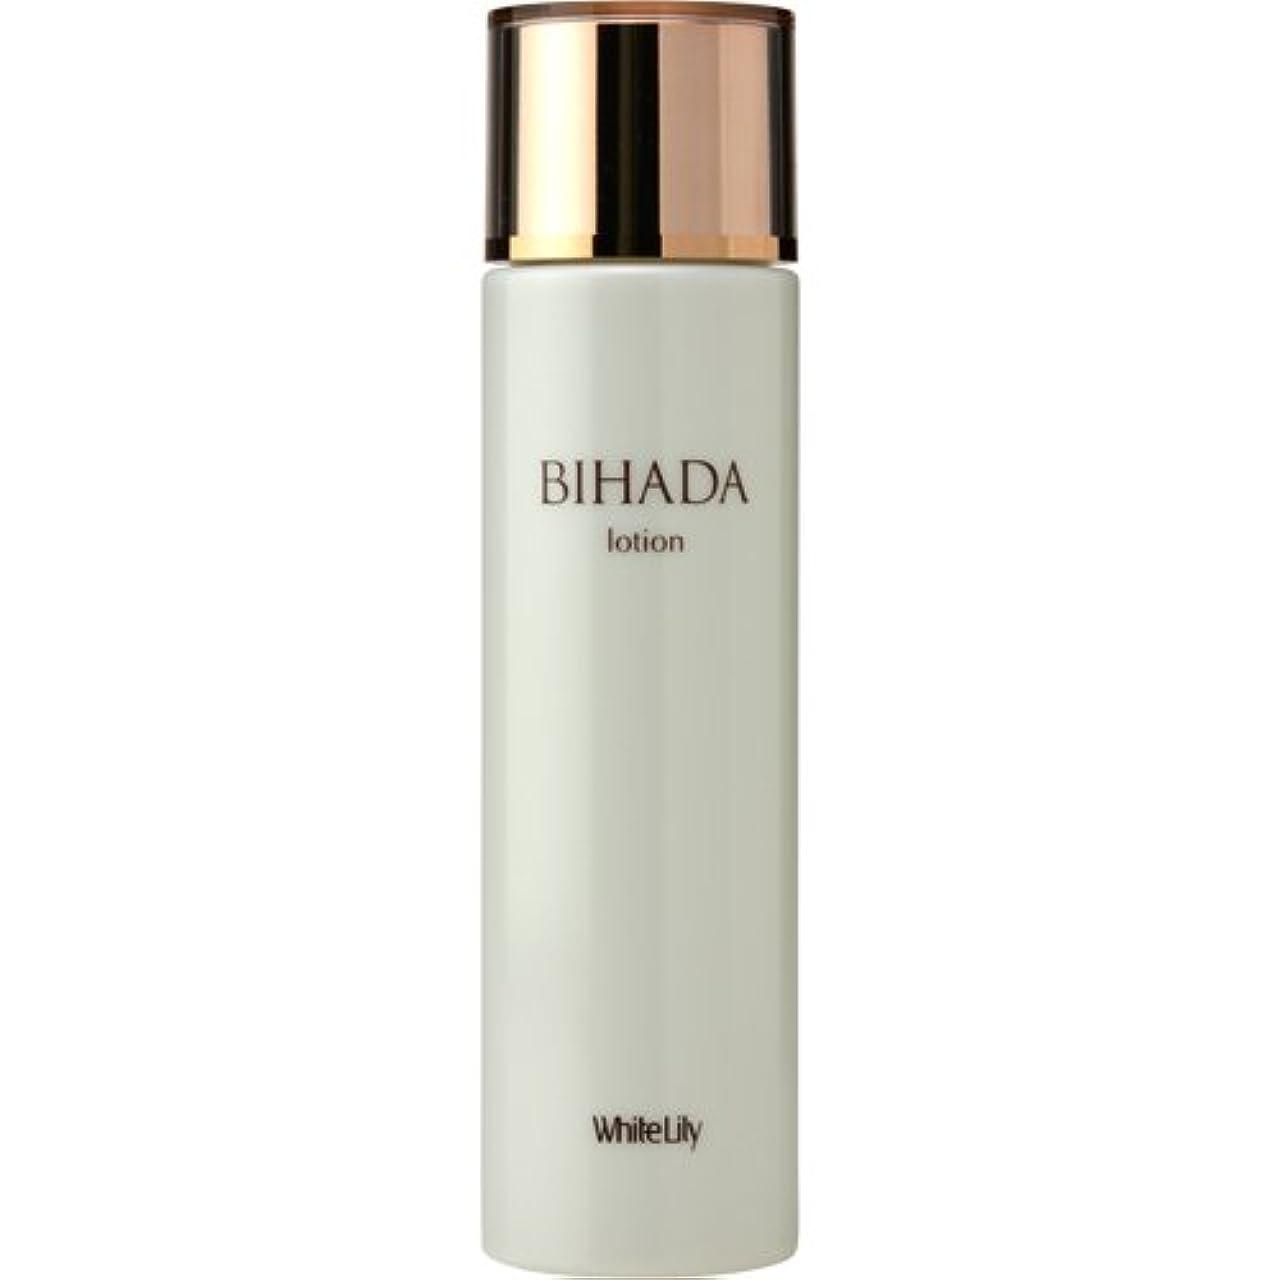 バットセクタ高いホワイトリリー BIHADAローション 155mL 化粧水